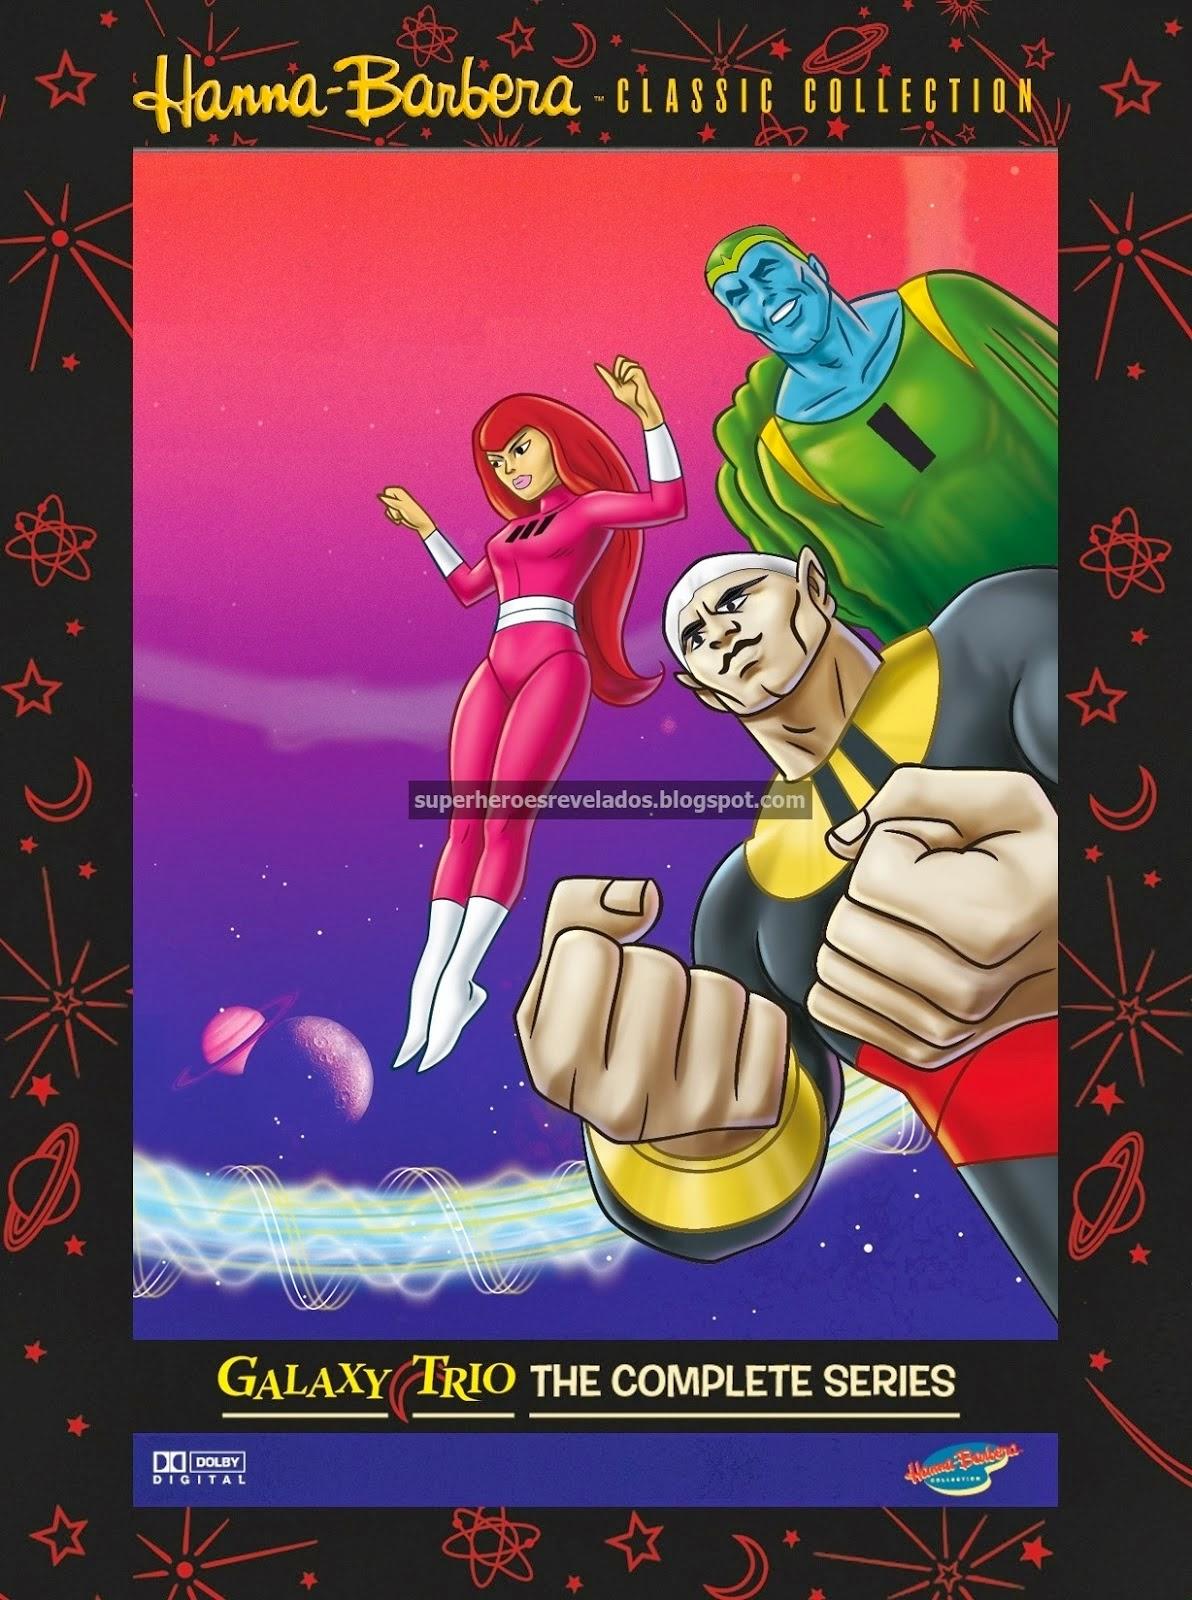 http://superheroesrevelados.blogspot.com.ar/2014/02/galaxy-trio.html